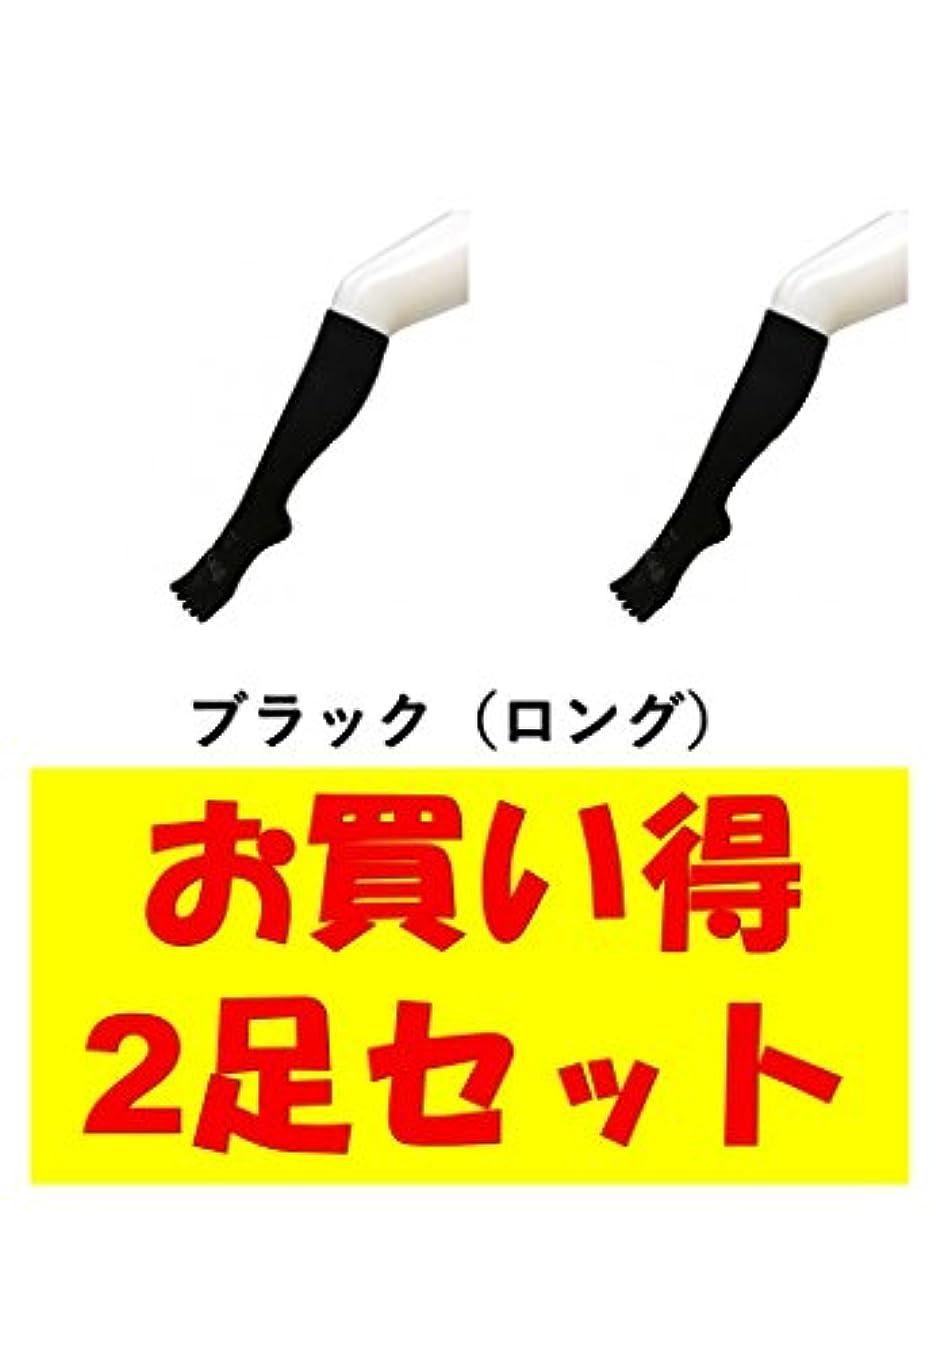 広がり真似るコピーお買い得2足セット 5本指 ゆびのばソックス ゆびのばロング ブラック 女性用 22.0cm-25.5cm HSLONG-BLK